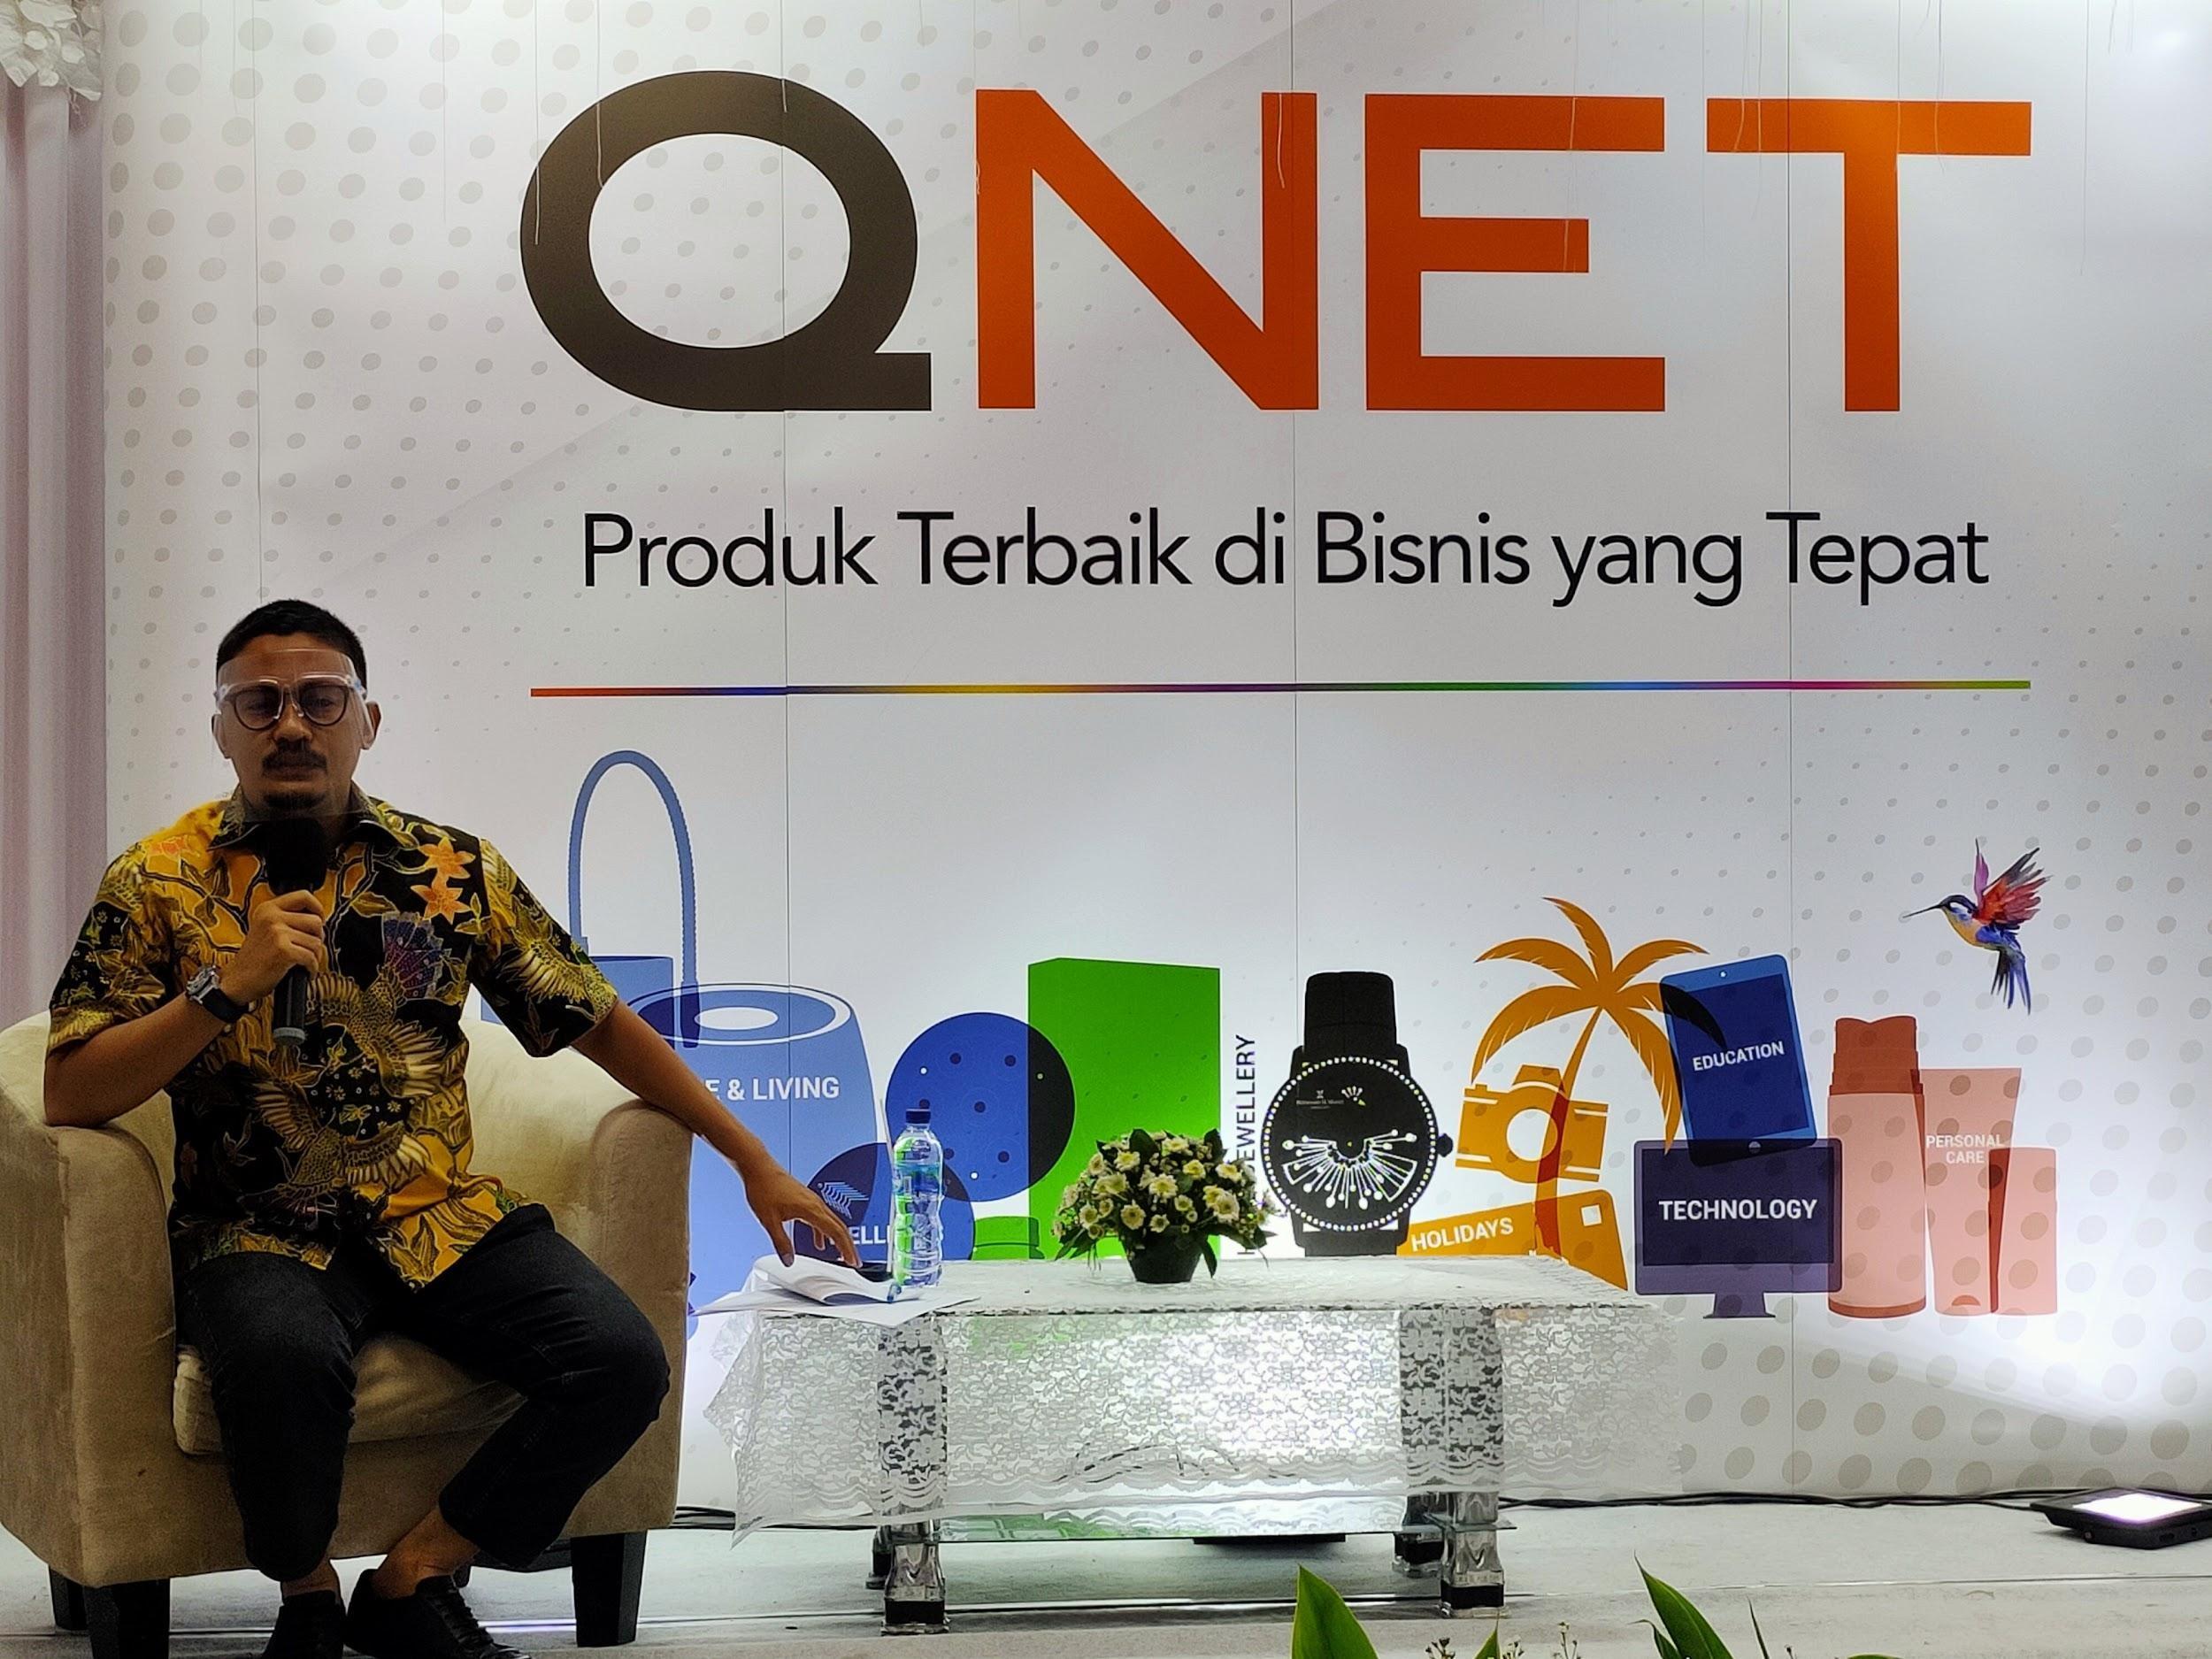 Qnet Produk terbaik di bisnis yang tepat